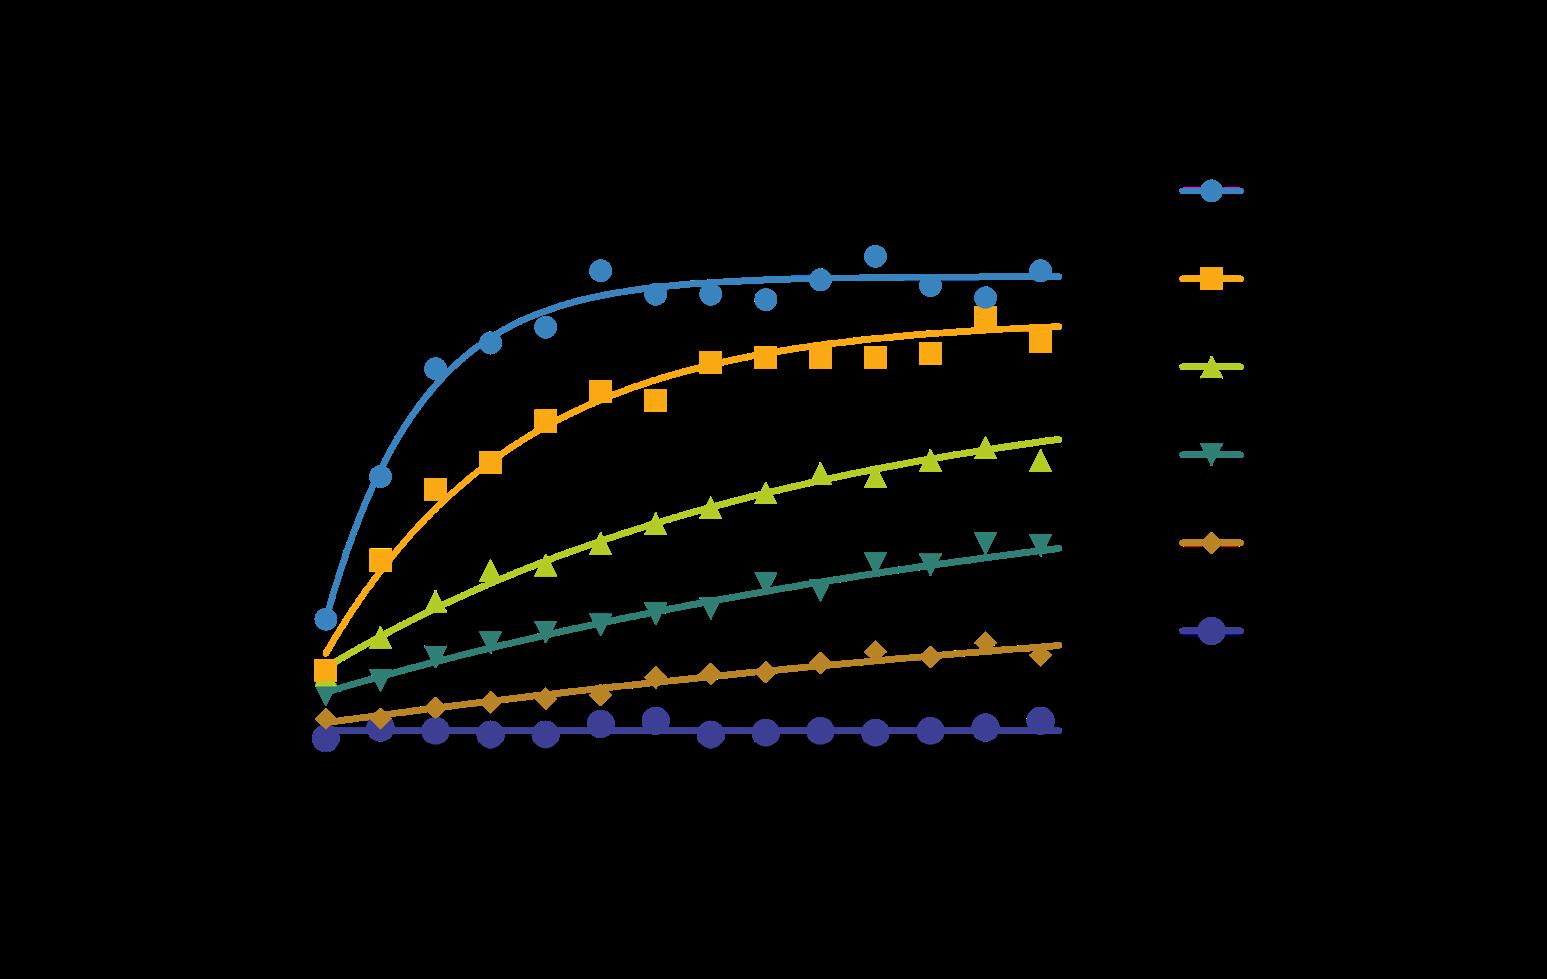 15-1015 ATP-dependent Chromatin Remodeling